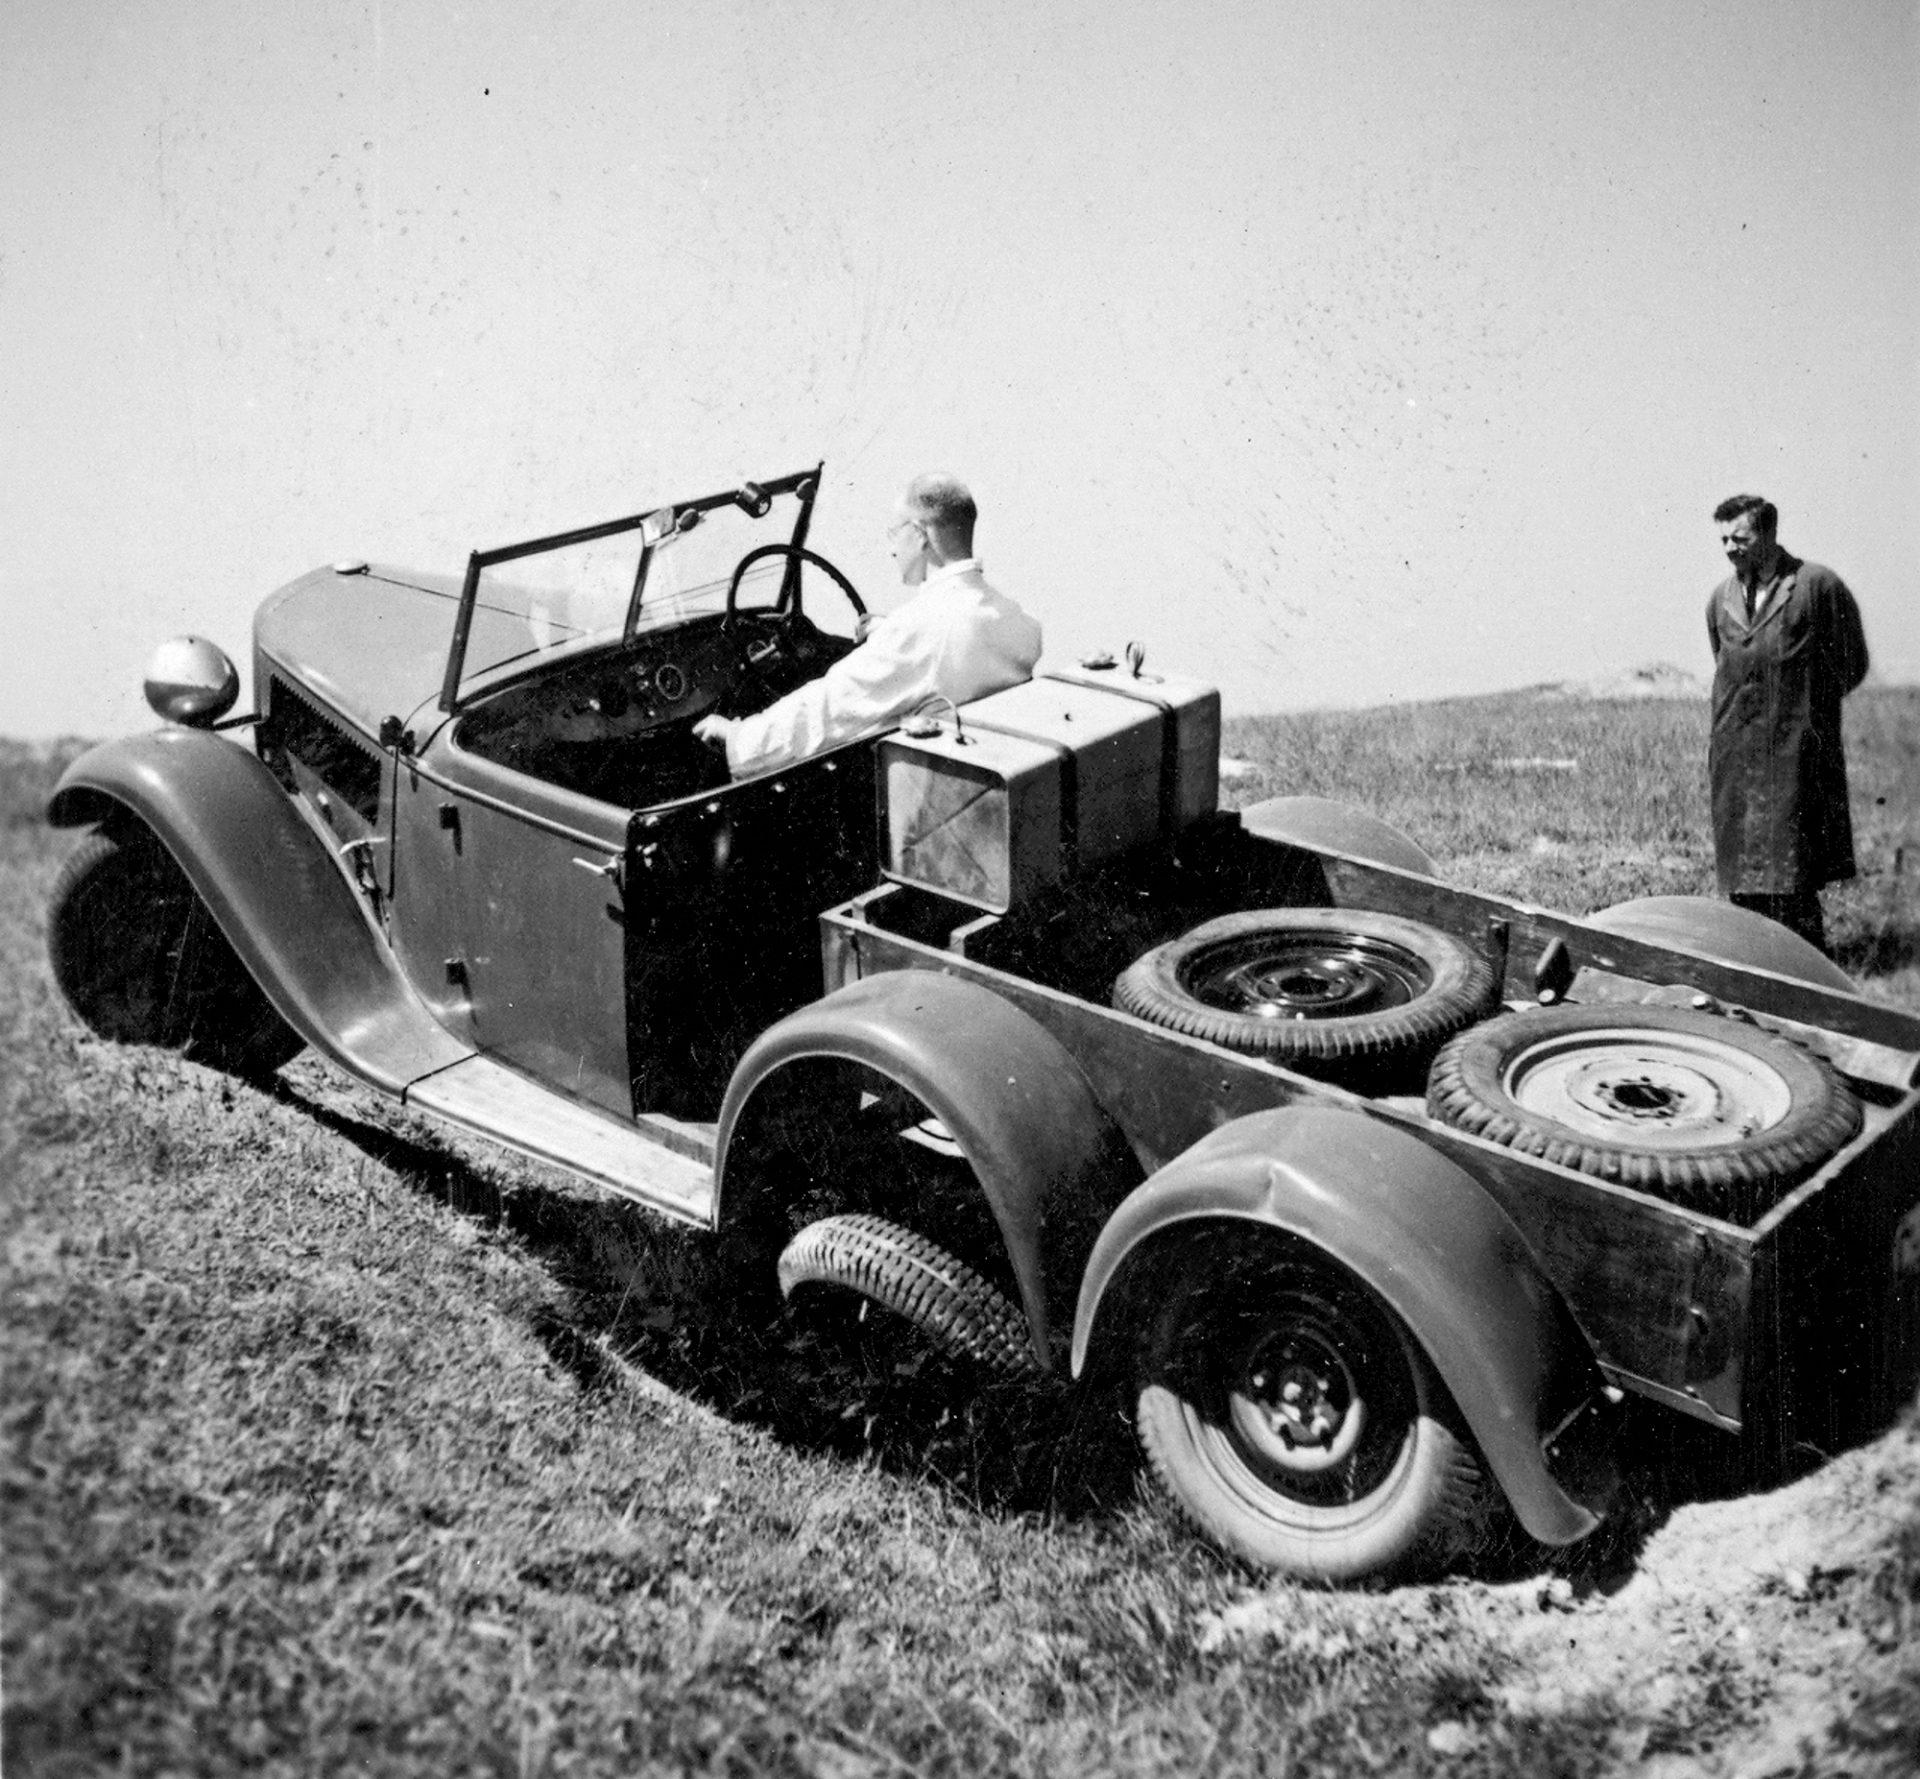 Dvojnásobek trakce, stonásobek problémů: stručná historie pohonu 4×4